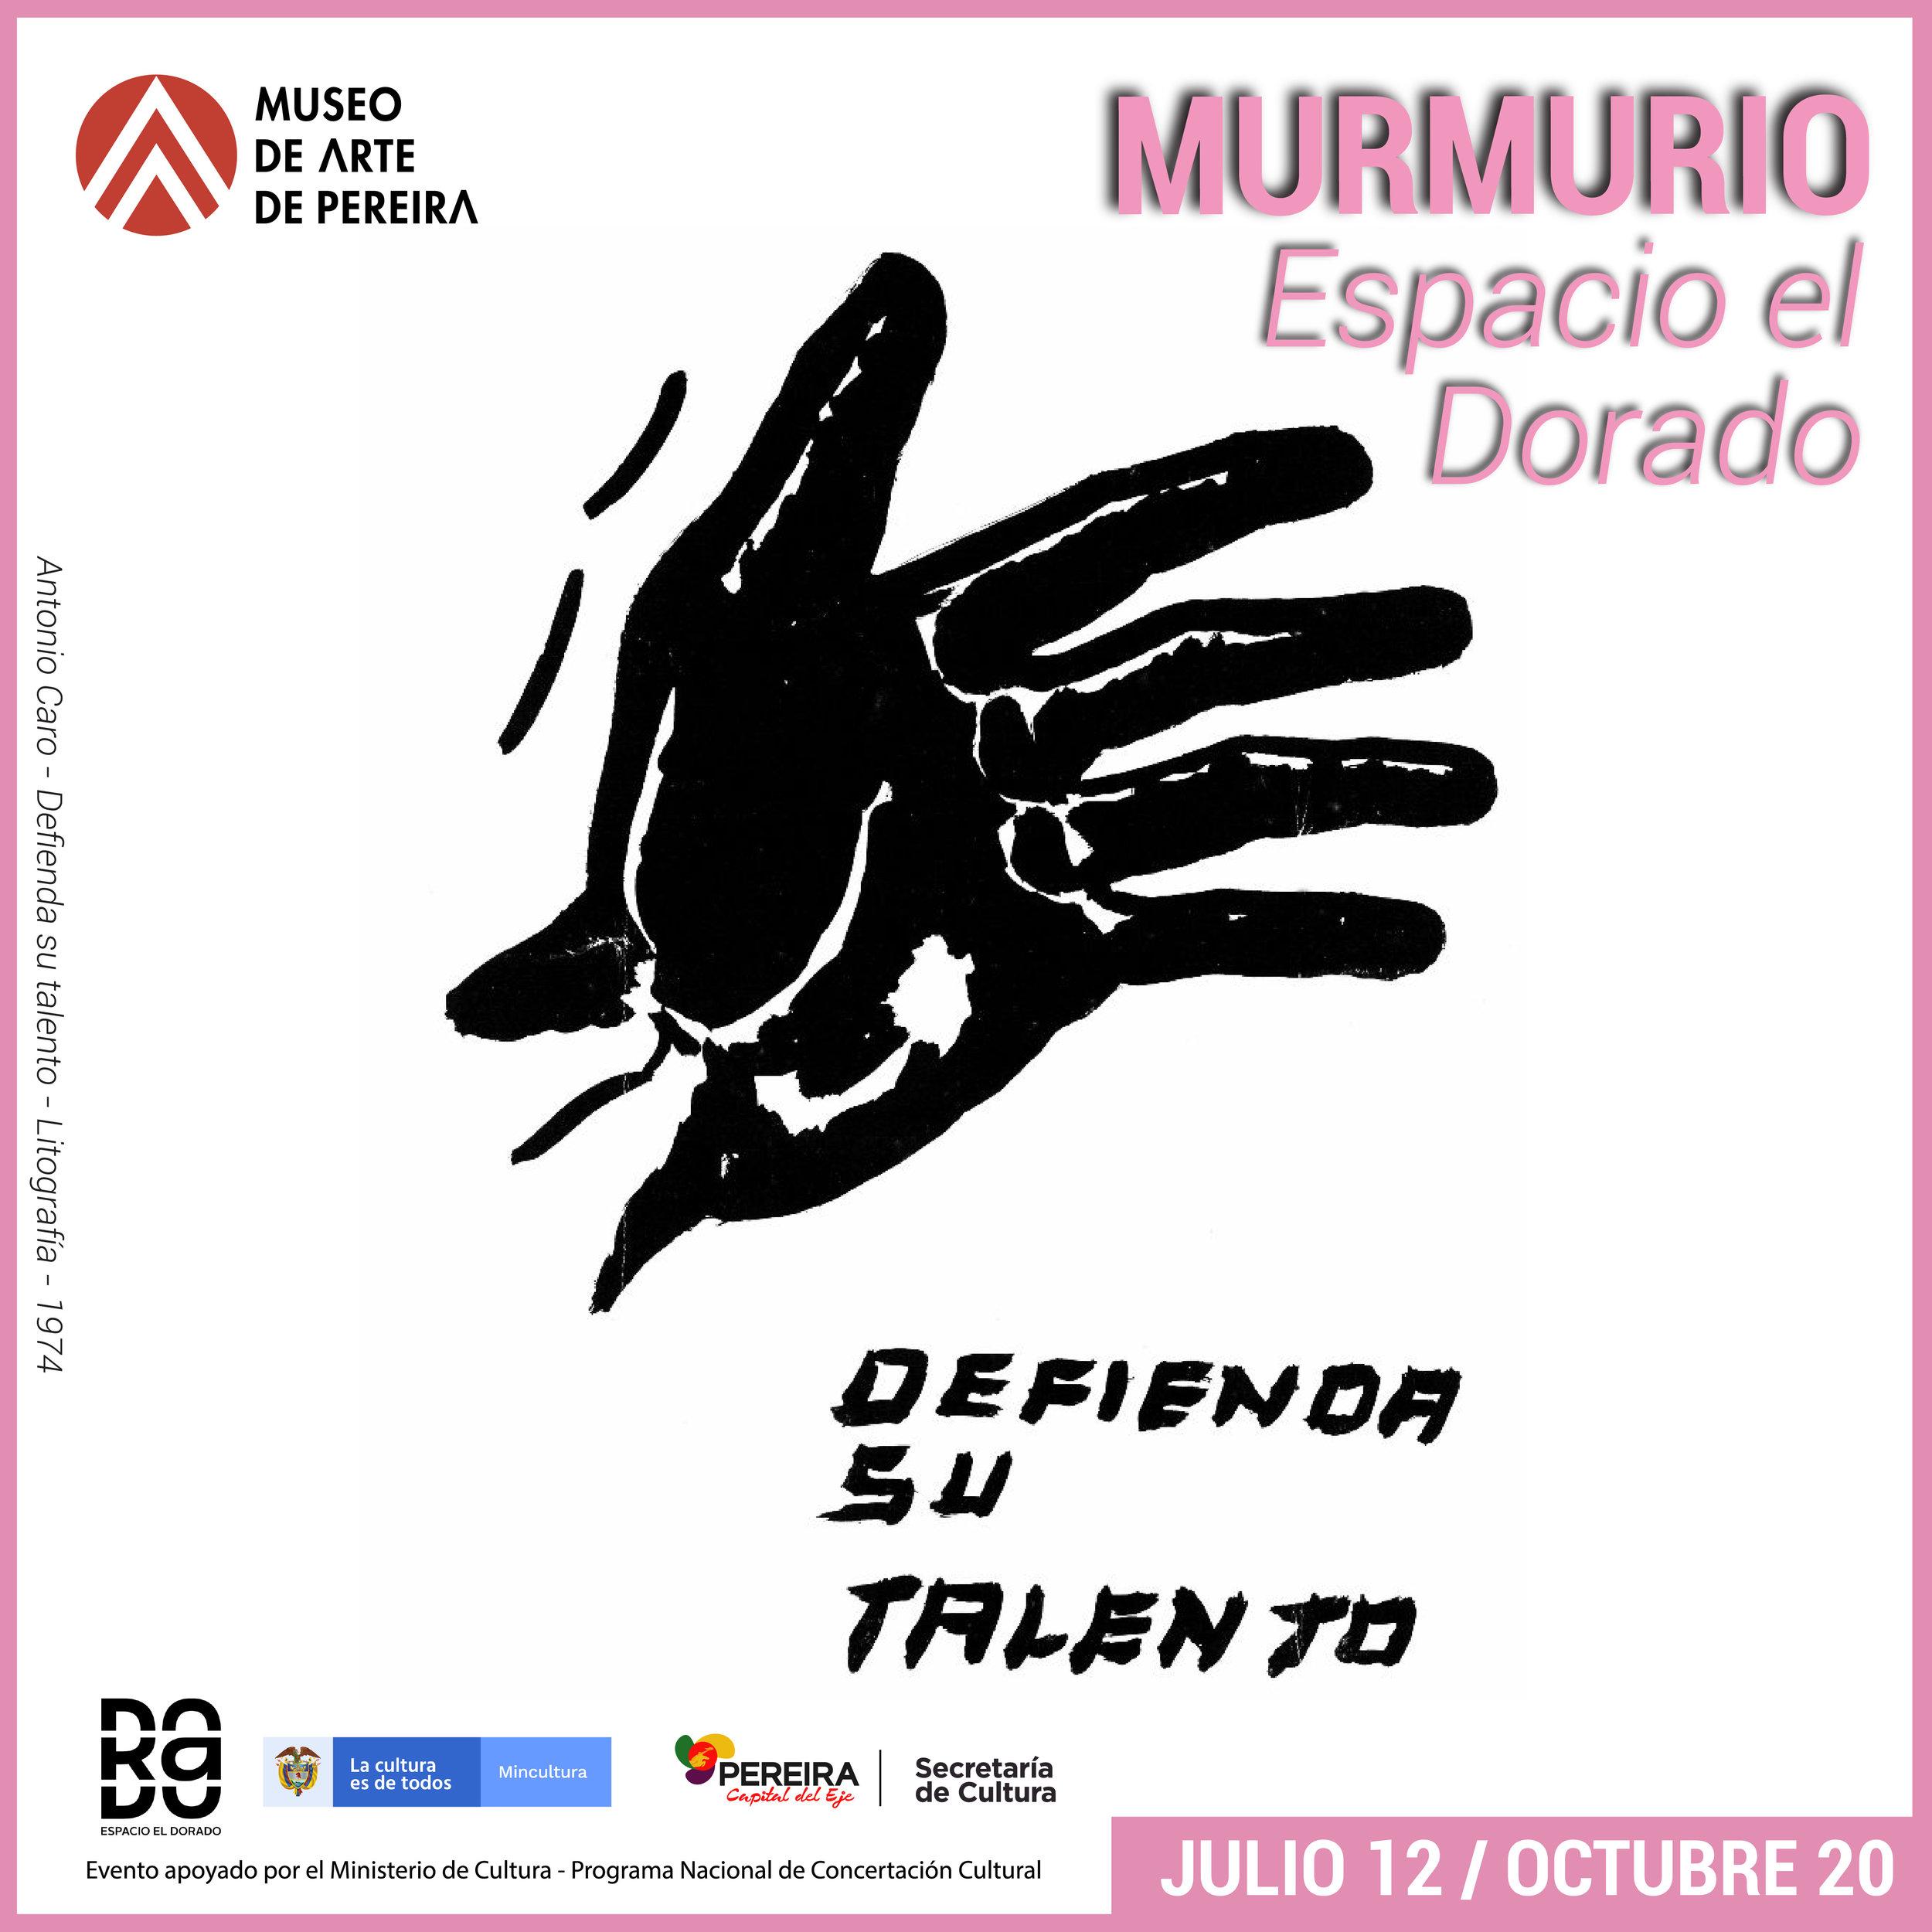 Murmurio - Museo de Arte de Pereira